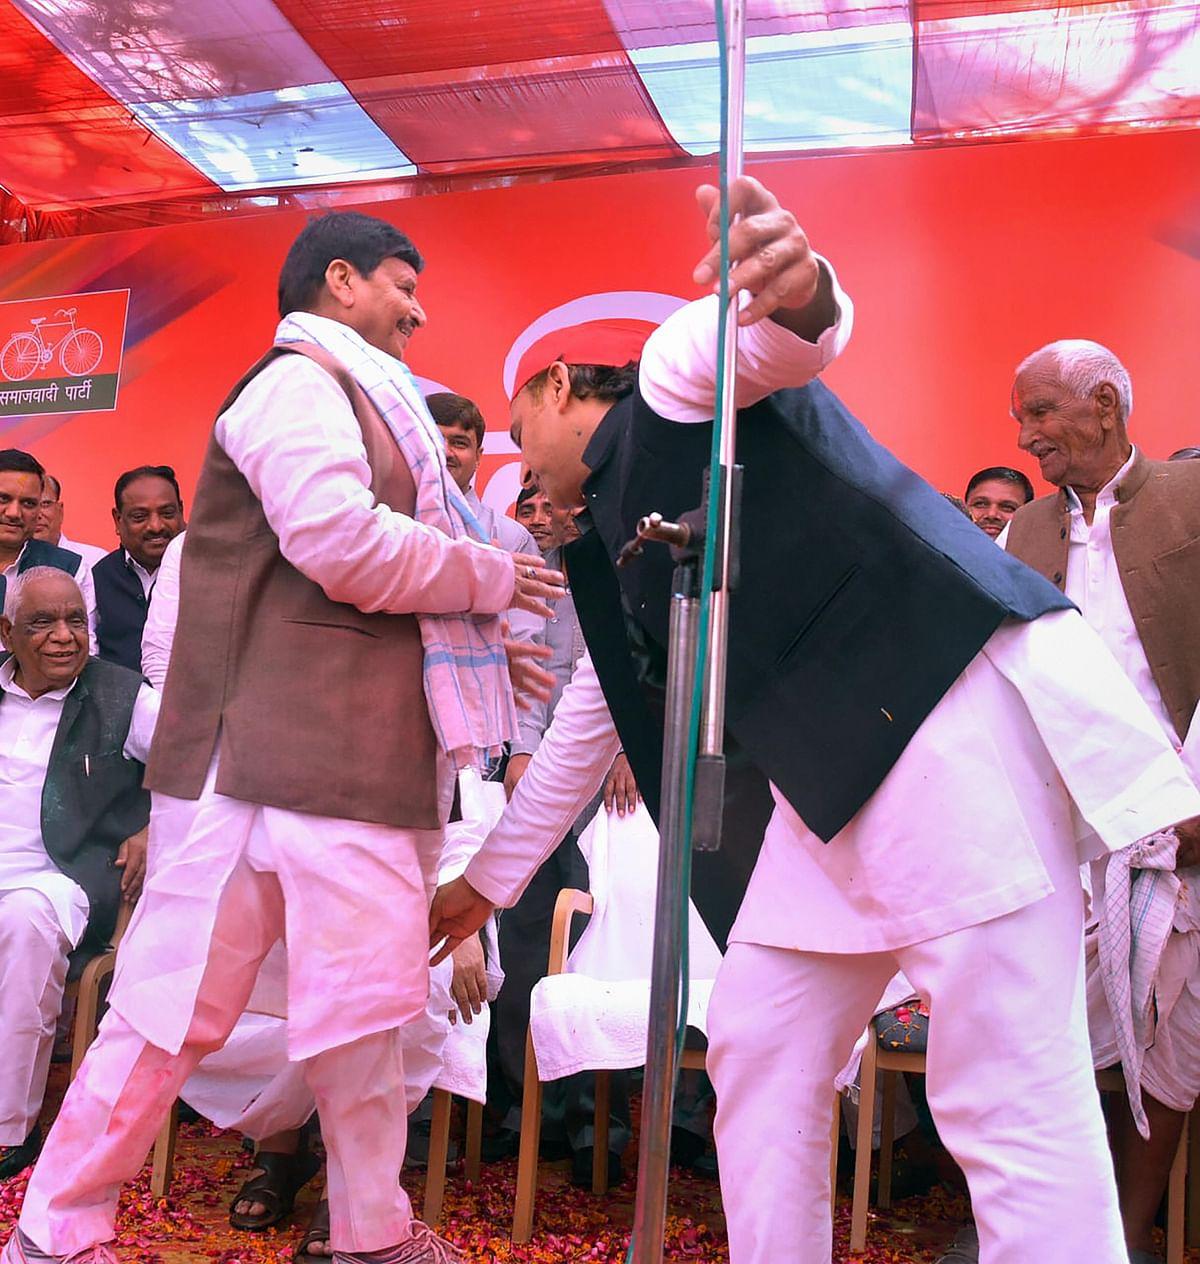 होली के मौके पर समाजवादी पार्टी के अध्यक्ष अखिलेश यादव भी चाचा शिवपाल यादव का आशीर्वाद लेते देखे गए.